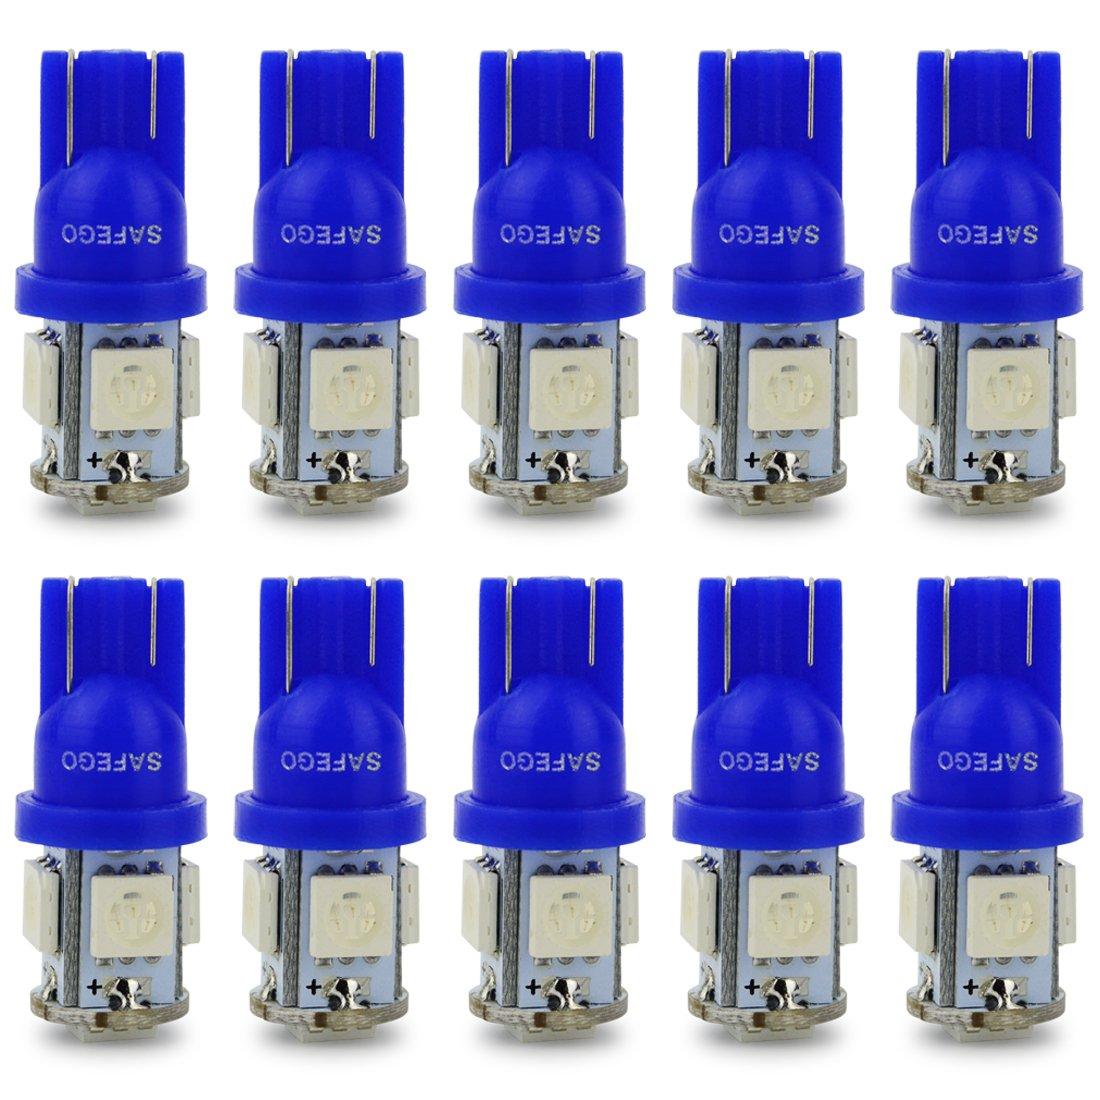 Safego 10x T10 W5W azul LED Bombillas exteriores 5 SMD 5050 Luz Coche trasera Lámpara Luz de interior 194 168 T10 Wedge Lampara para Coches luces de ...